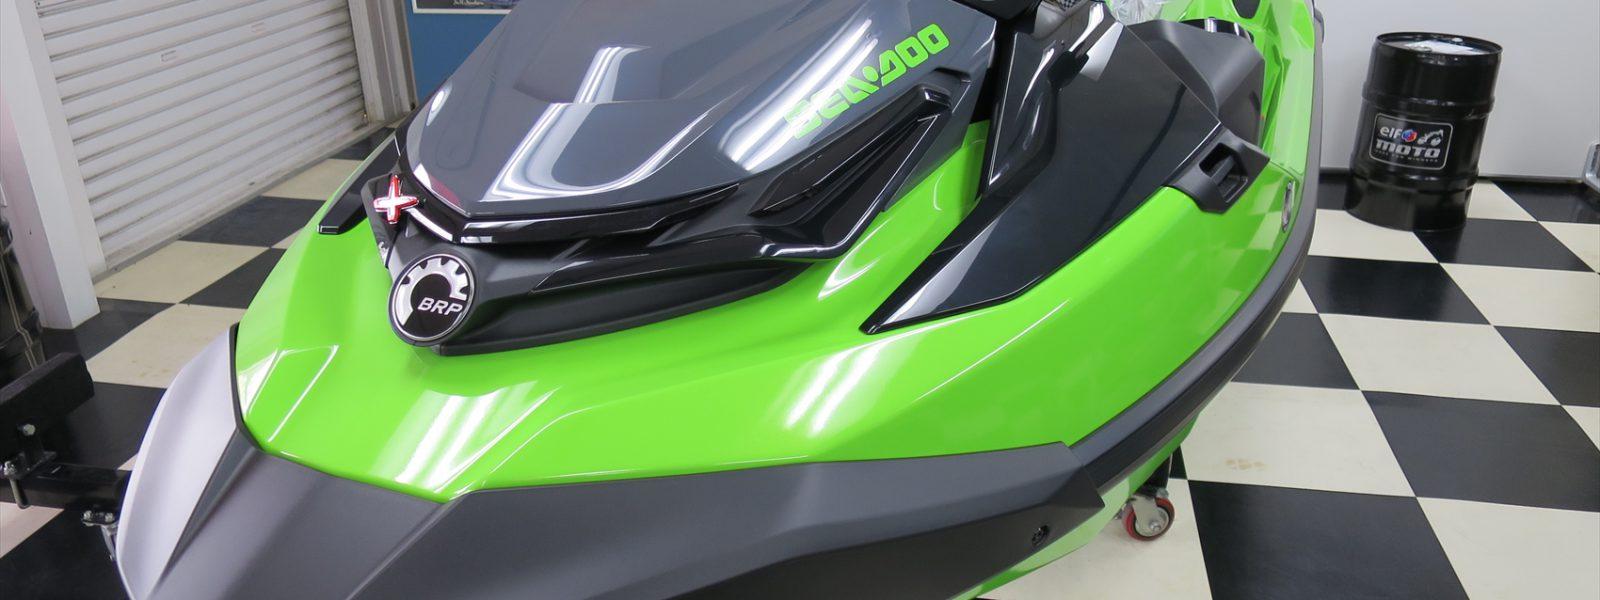 新艇!2020年モデル シードゥーRXT-X300 グリーンご紹介!